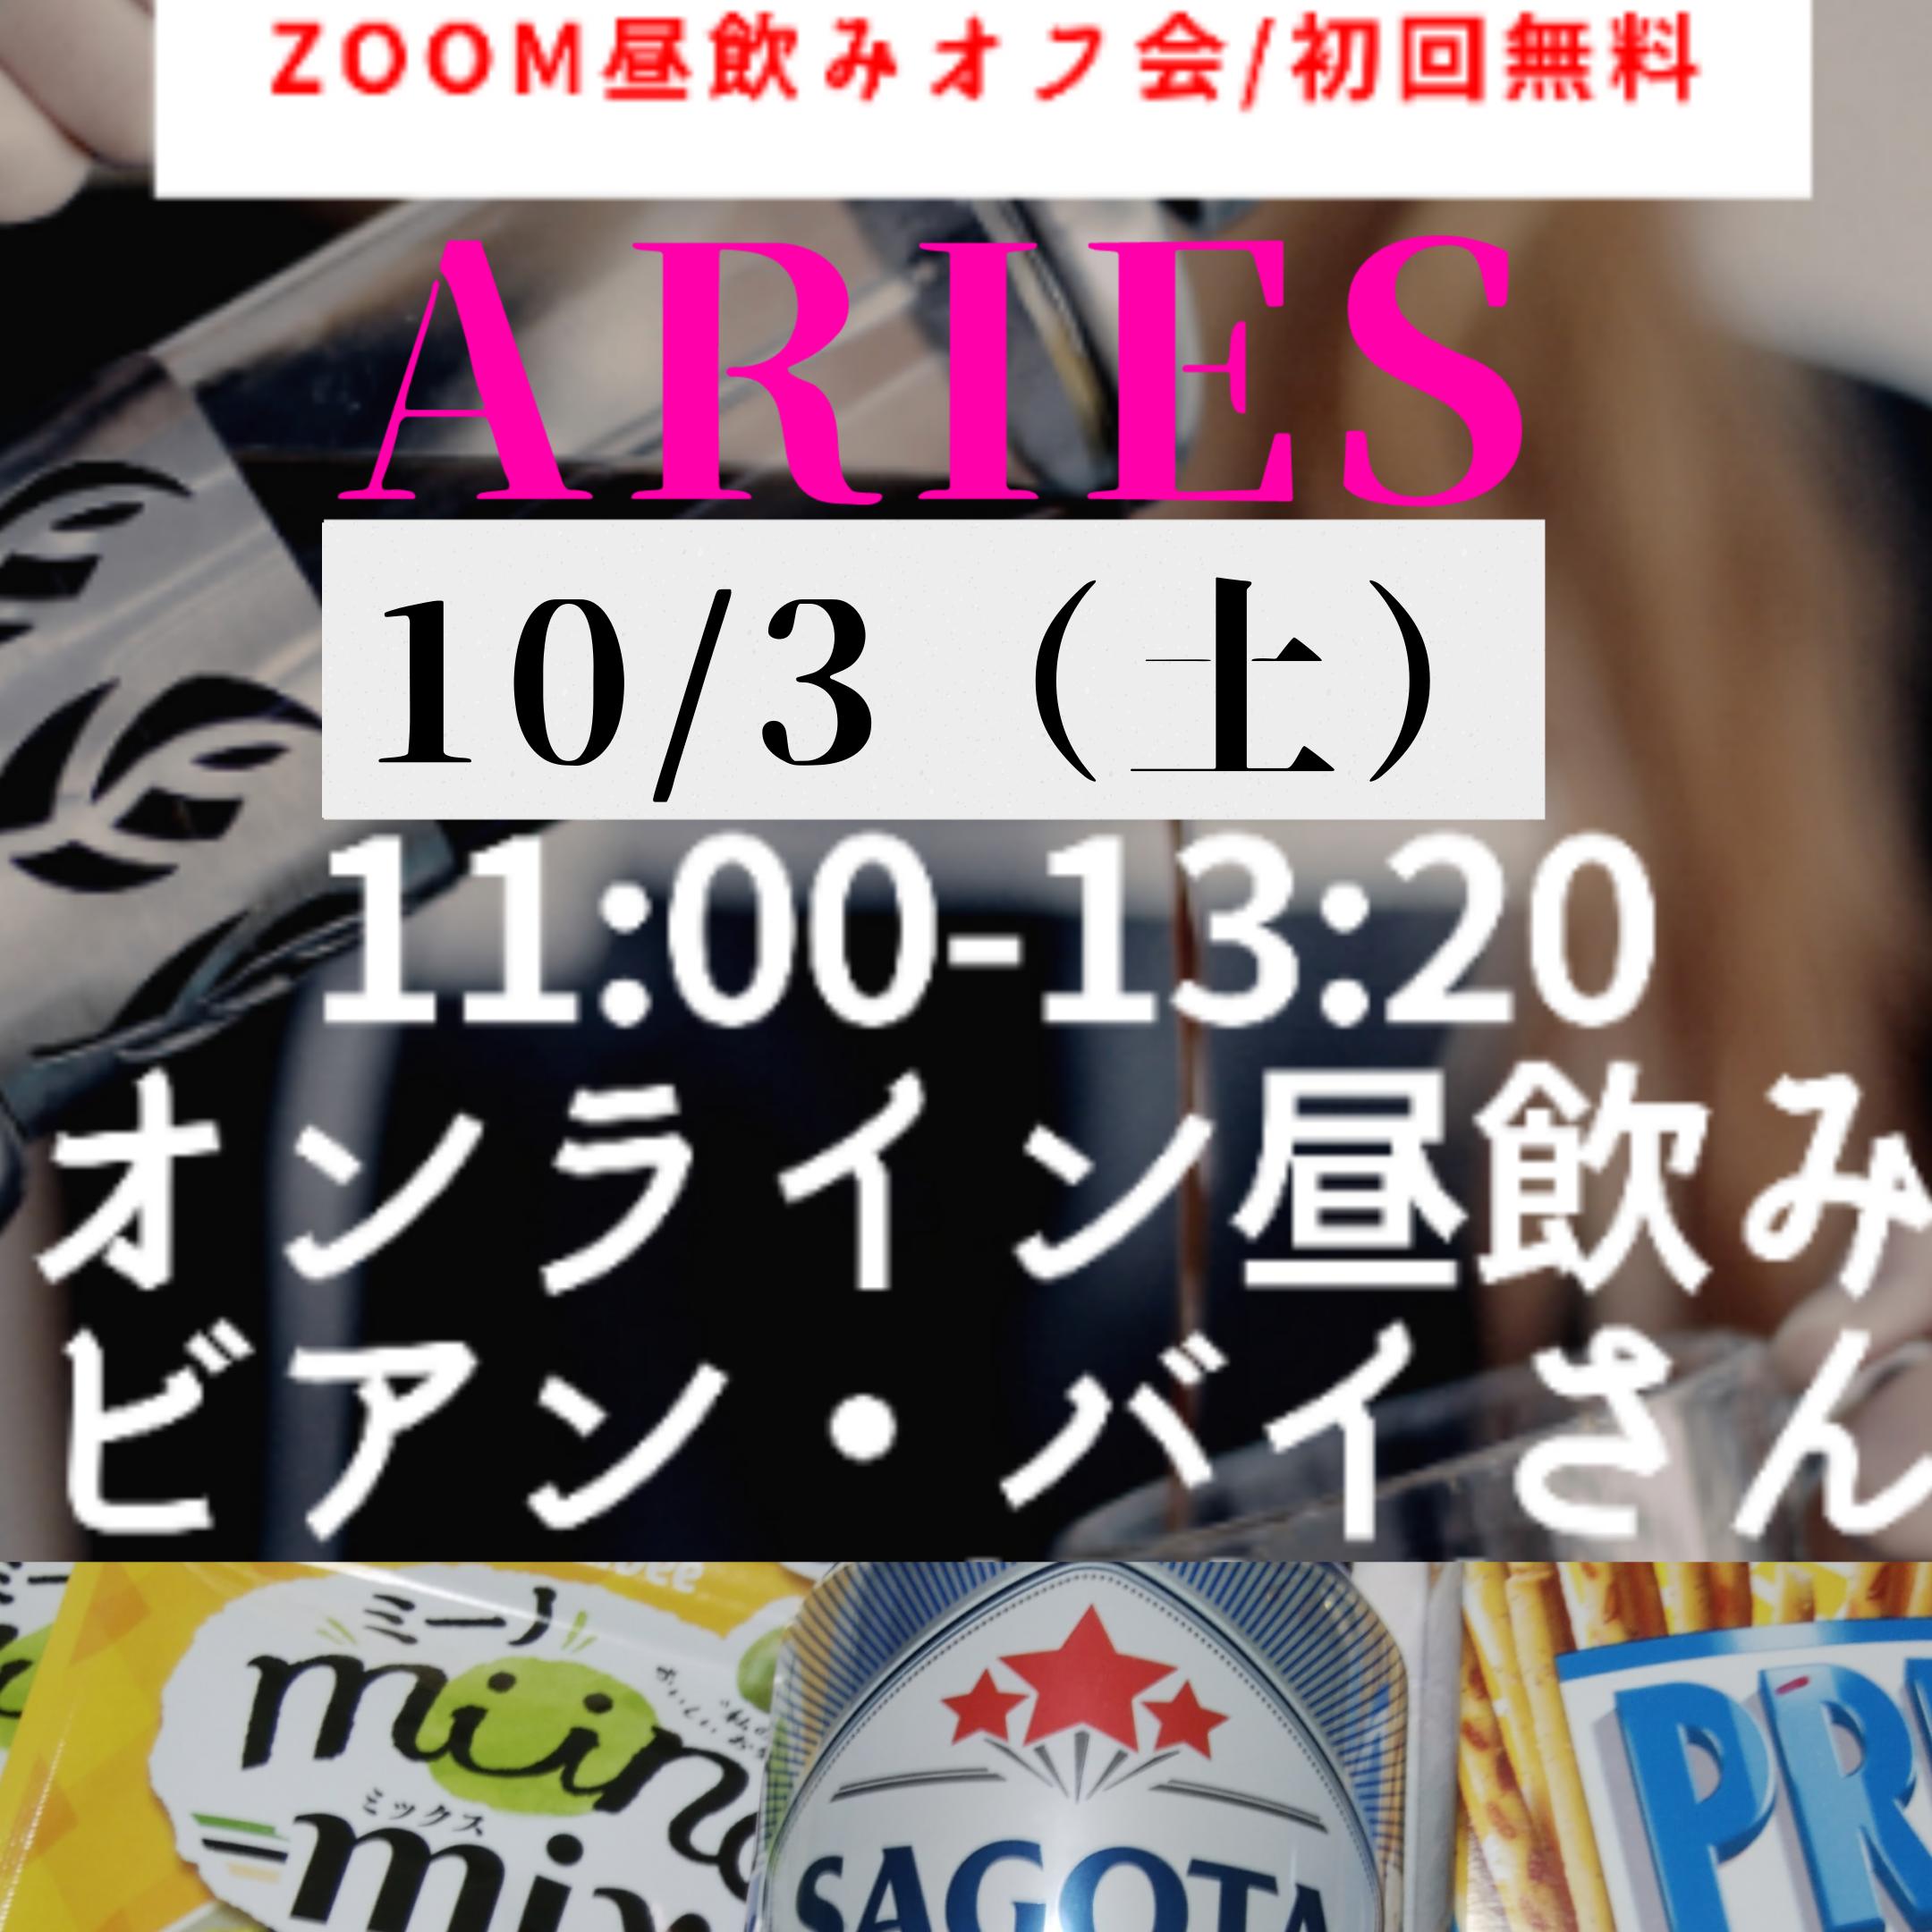 【Zoom初回無料】ARIES昼のみオフ会ノンアル可